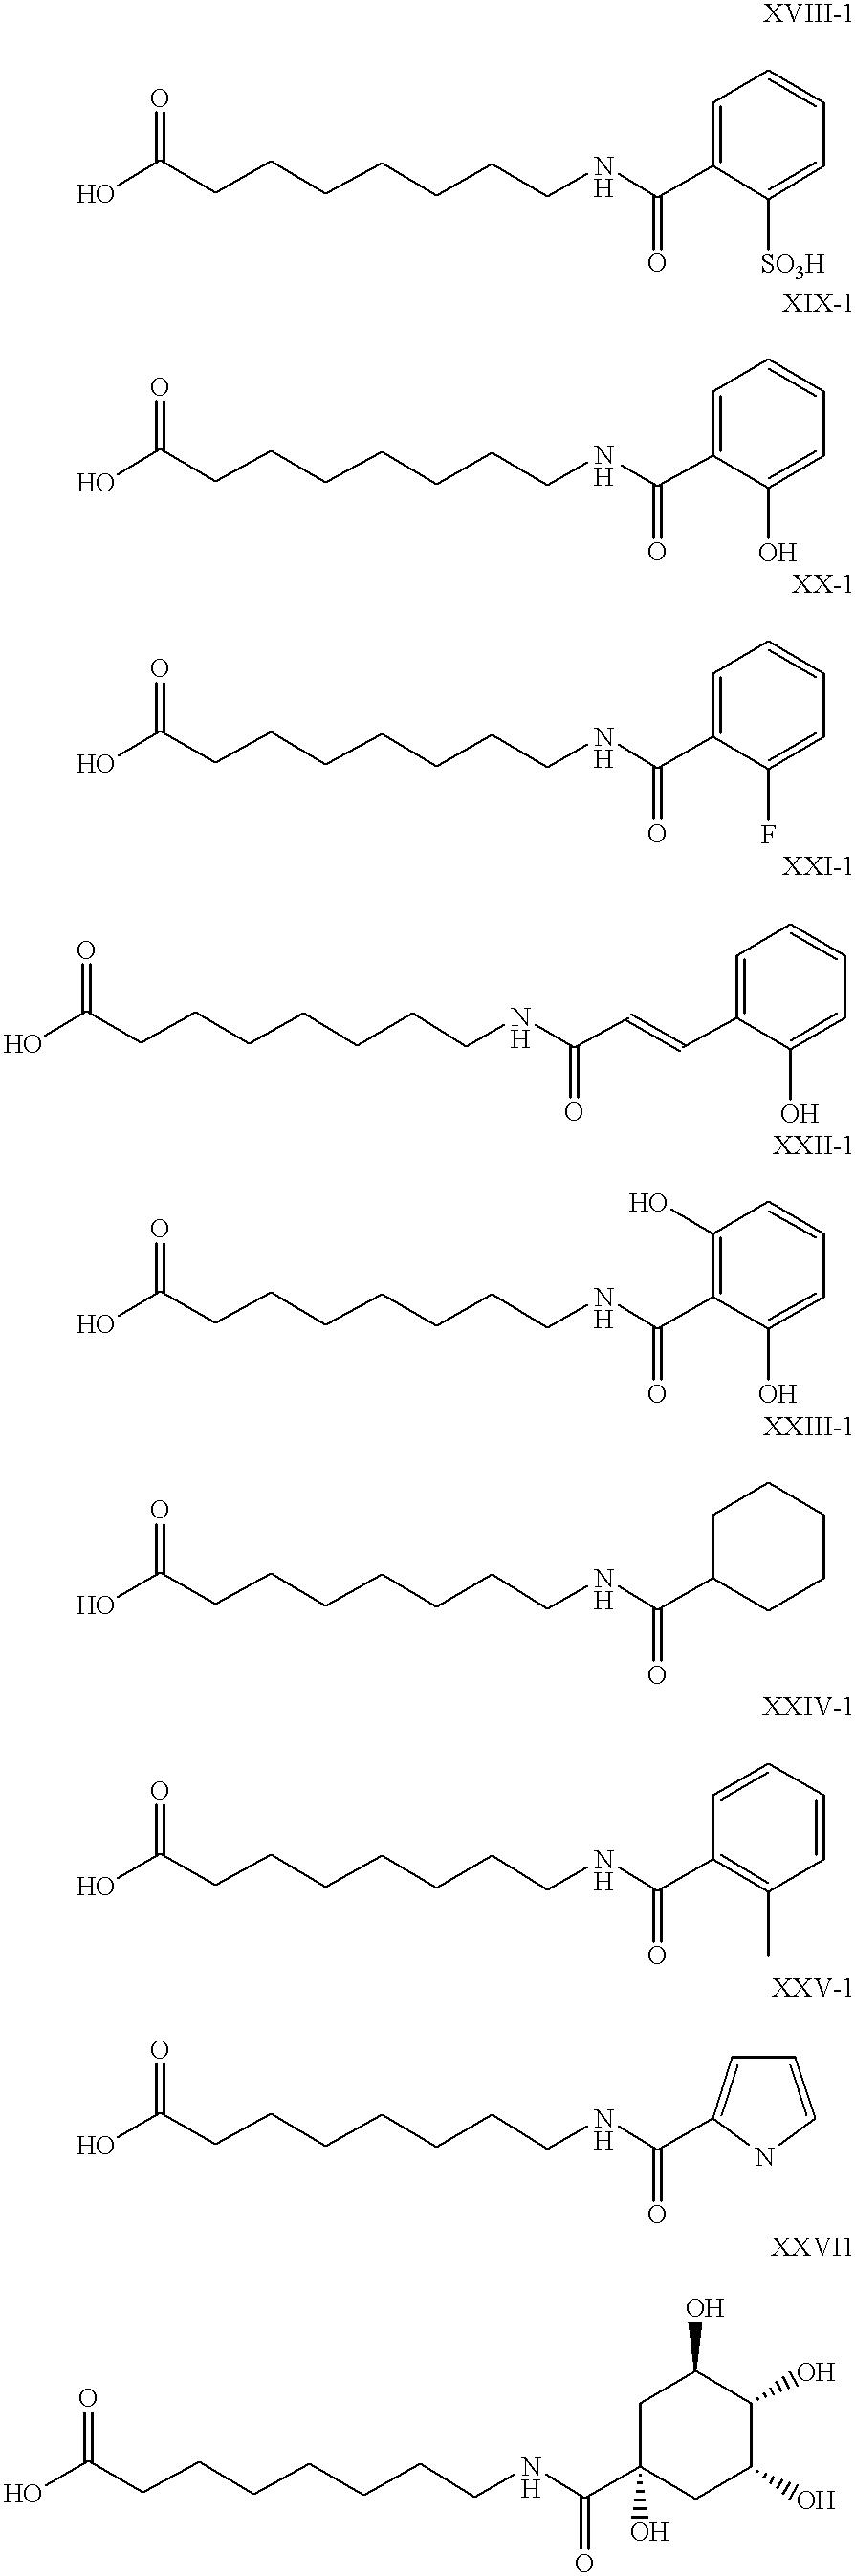 Figure US06221367-20010424-C00015